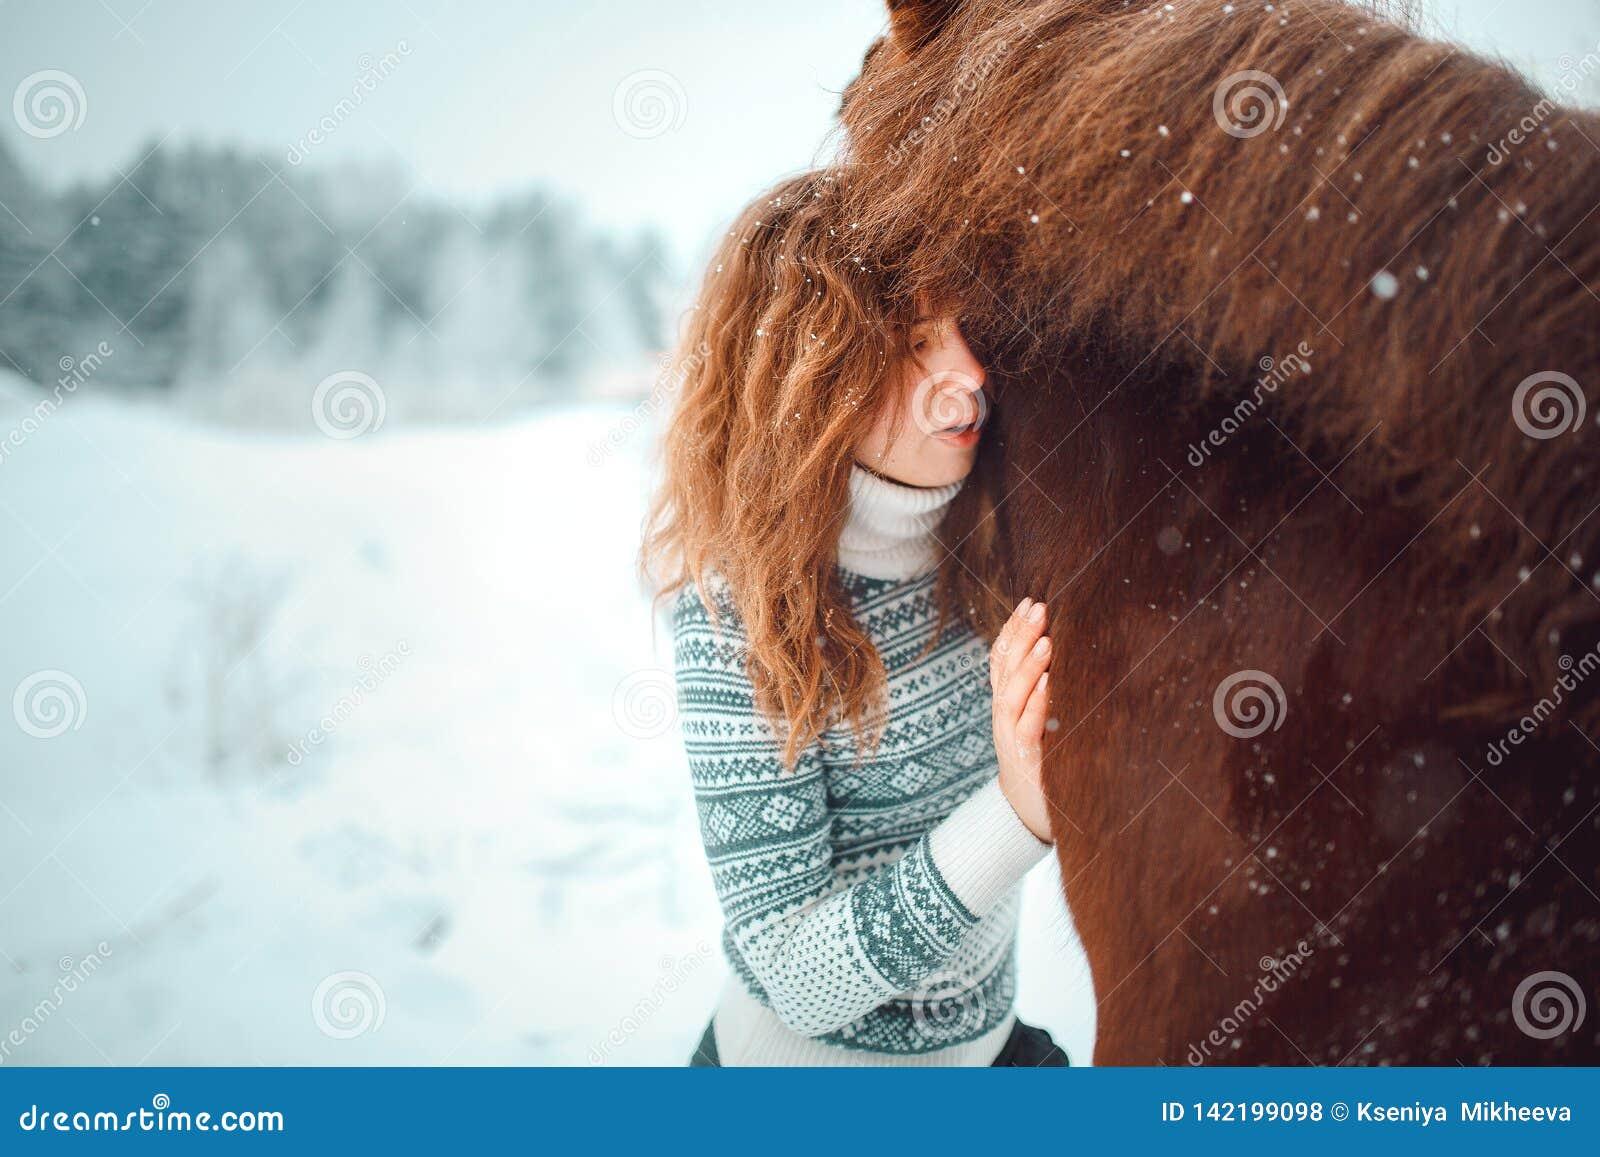 Κόκκινο επικεφαλής κορίτσι με ένα άλογο σε έναν τομέα του χιονιού το χειμώνα